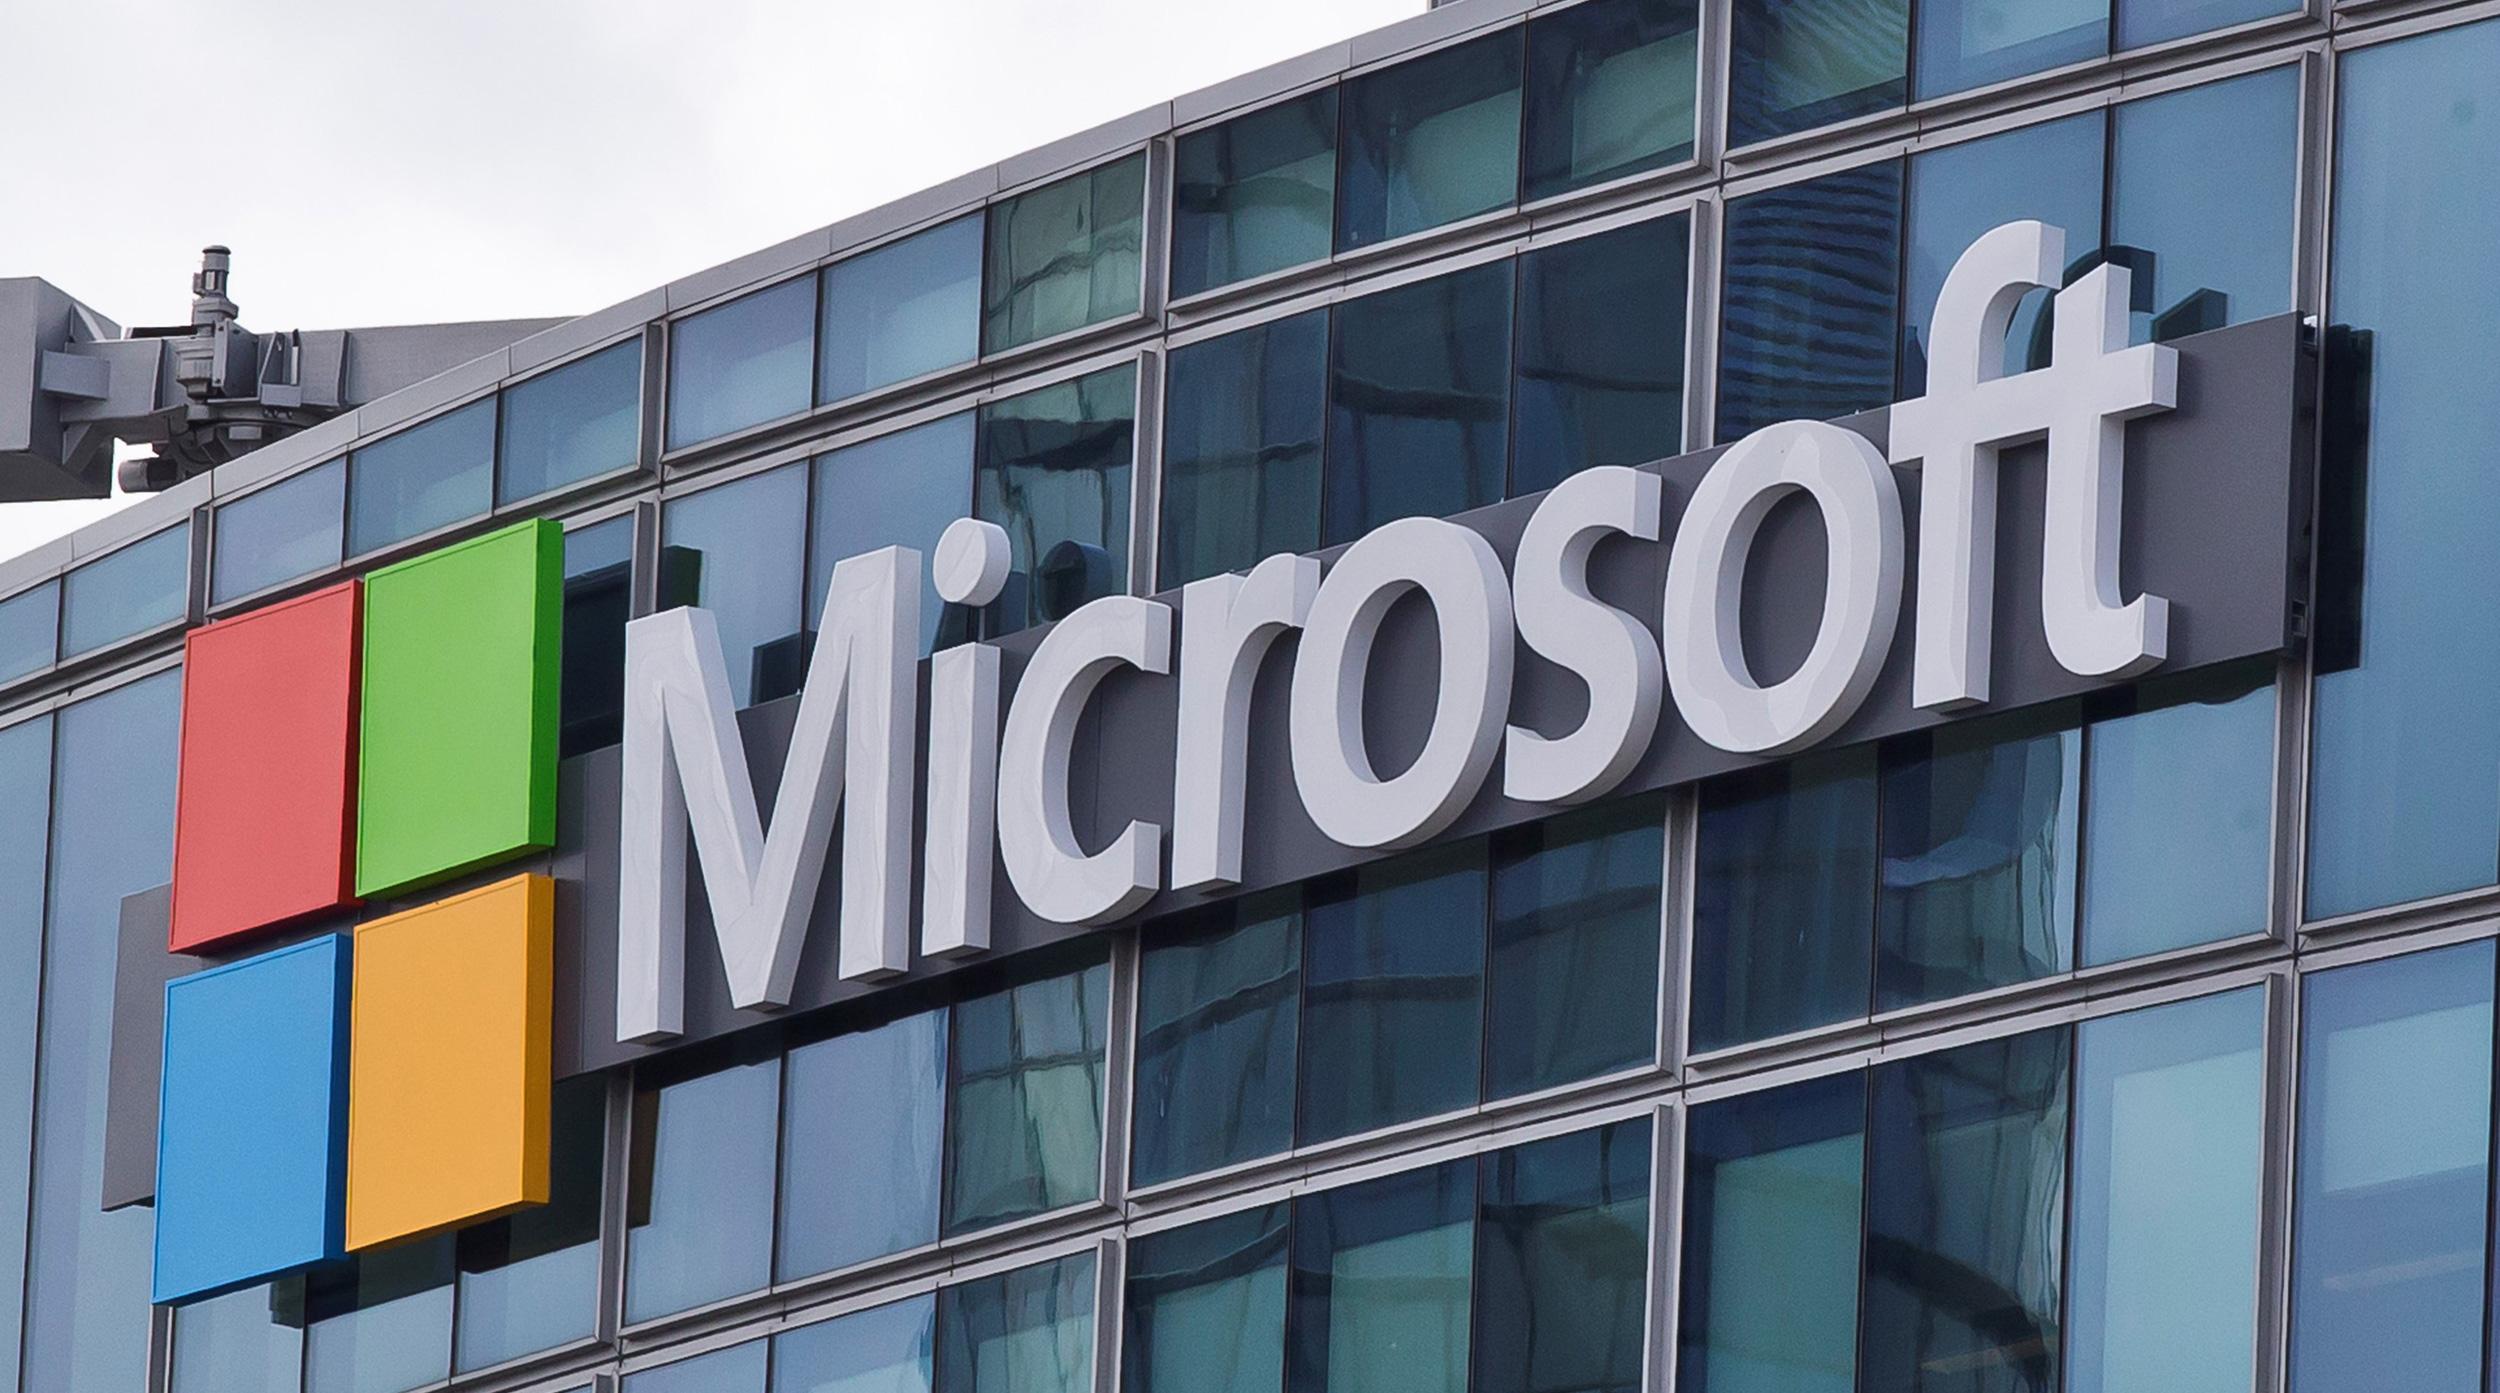 Microsoft arregla la vulnerabilidad de sus cuentas que permitía control absoluto por parte de hackers